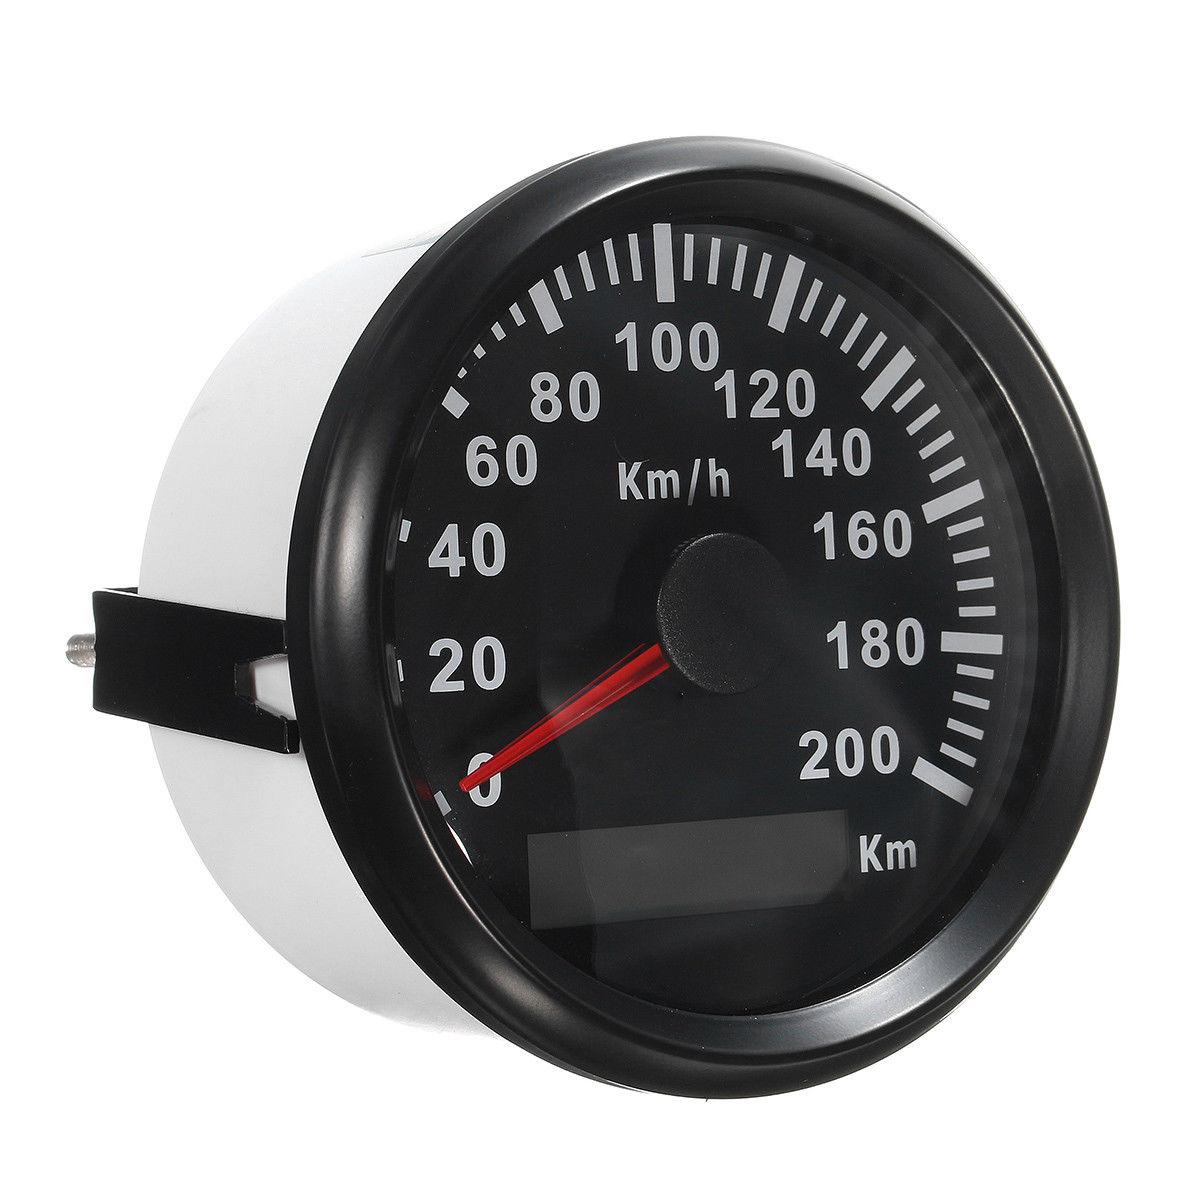 85Mm 200 Km/H Car Motor Auto Stainless Gps Speedometer Waterproof Digital Gauges85Mm 200 Km/H Car Motor Auto Stainless Gps Speedometer Waterproof Digital Gauges